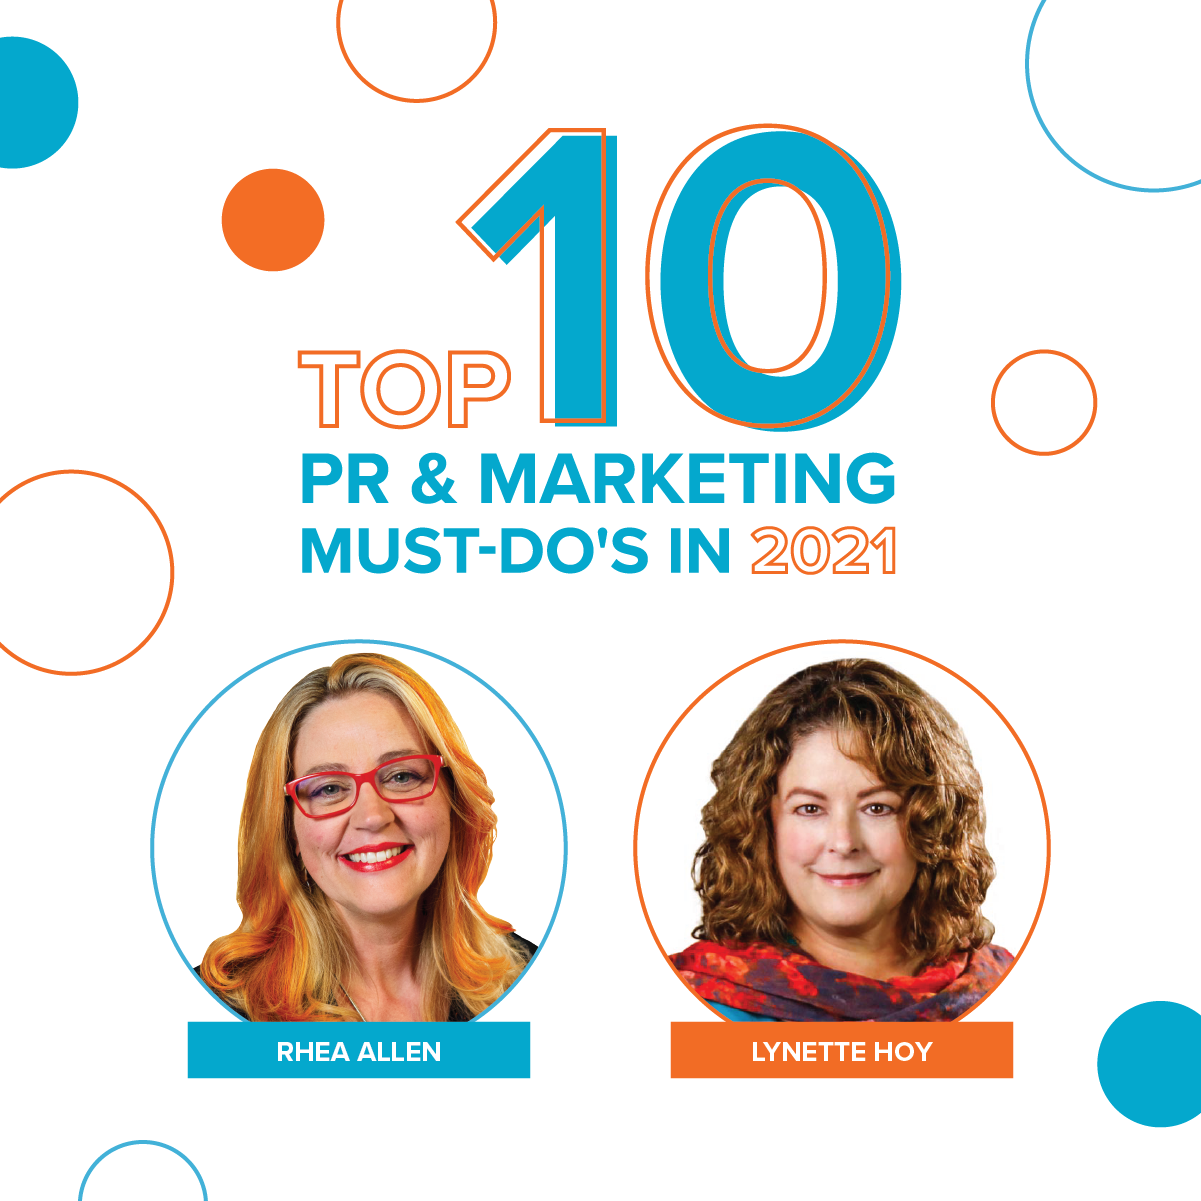 PPSK_2020_Top10PR&MarketingMustDos_Socials_03